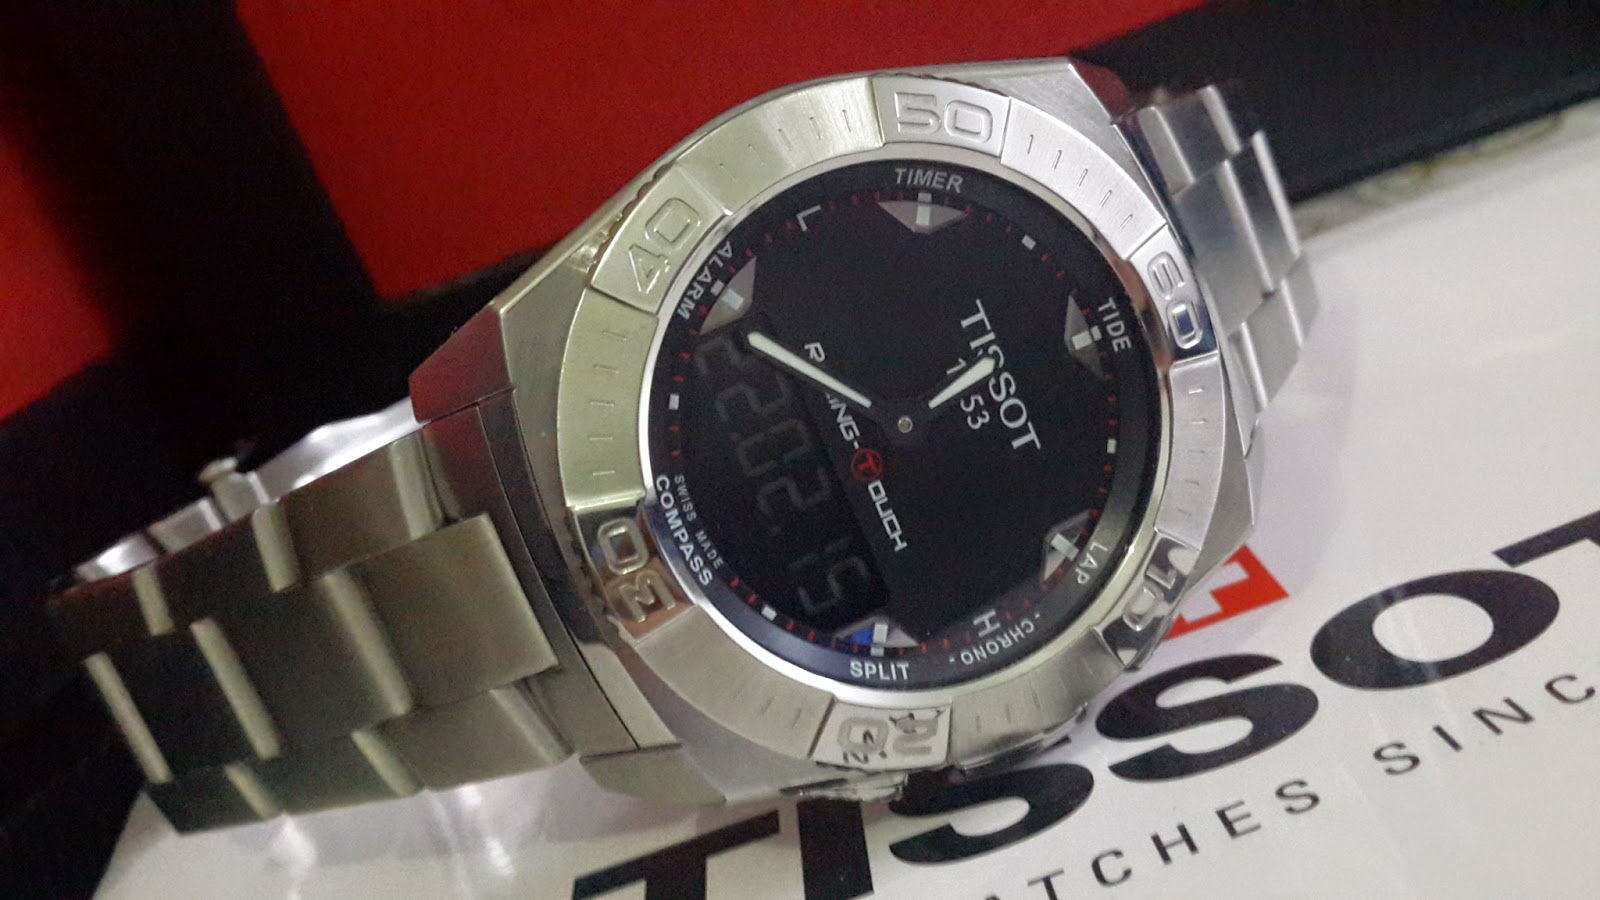 Jual Beli Jam Tangan Second Original   Arloji Bekas Mewah Original  (Buy-Sell-Trade In Luxury Watch) 38162de481